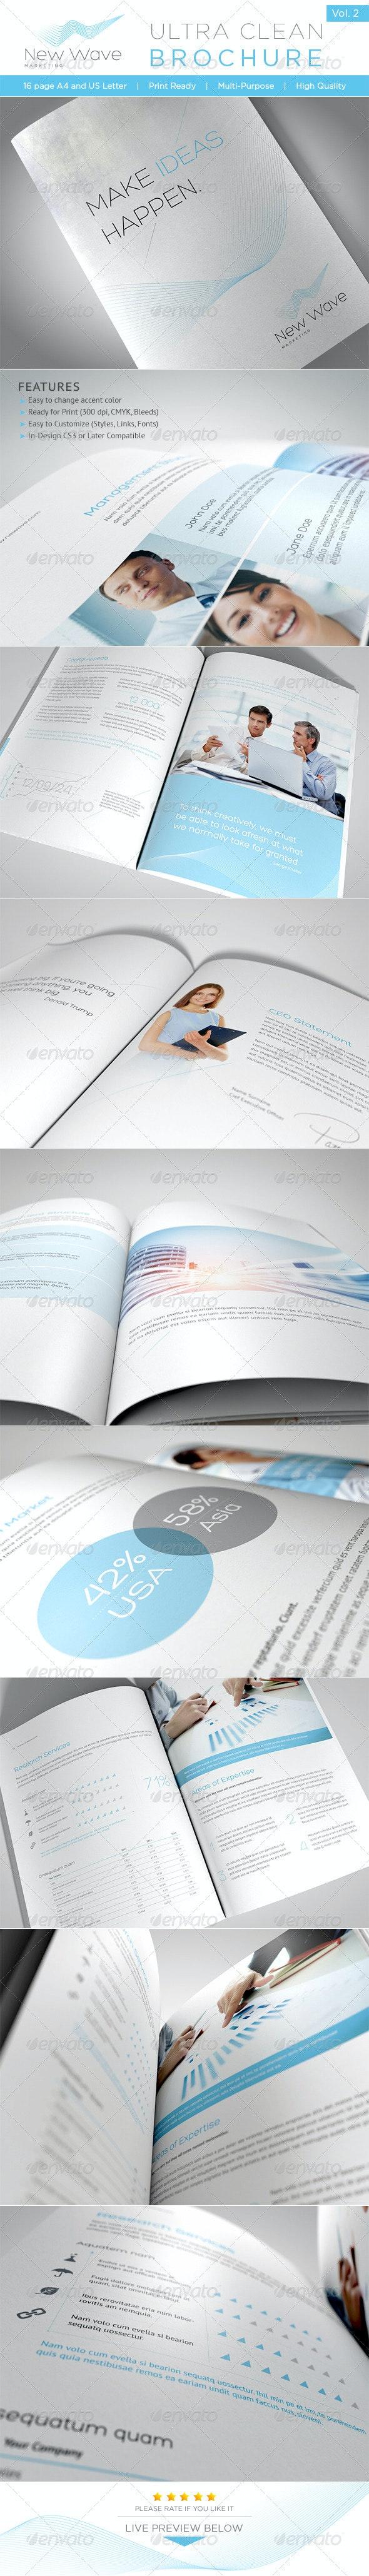 Ultra Clean Brochure Vol. 2 - Brochures Print Templates